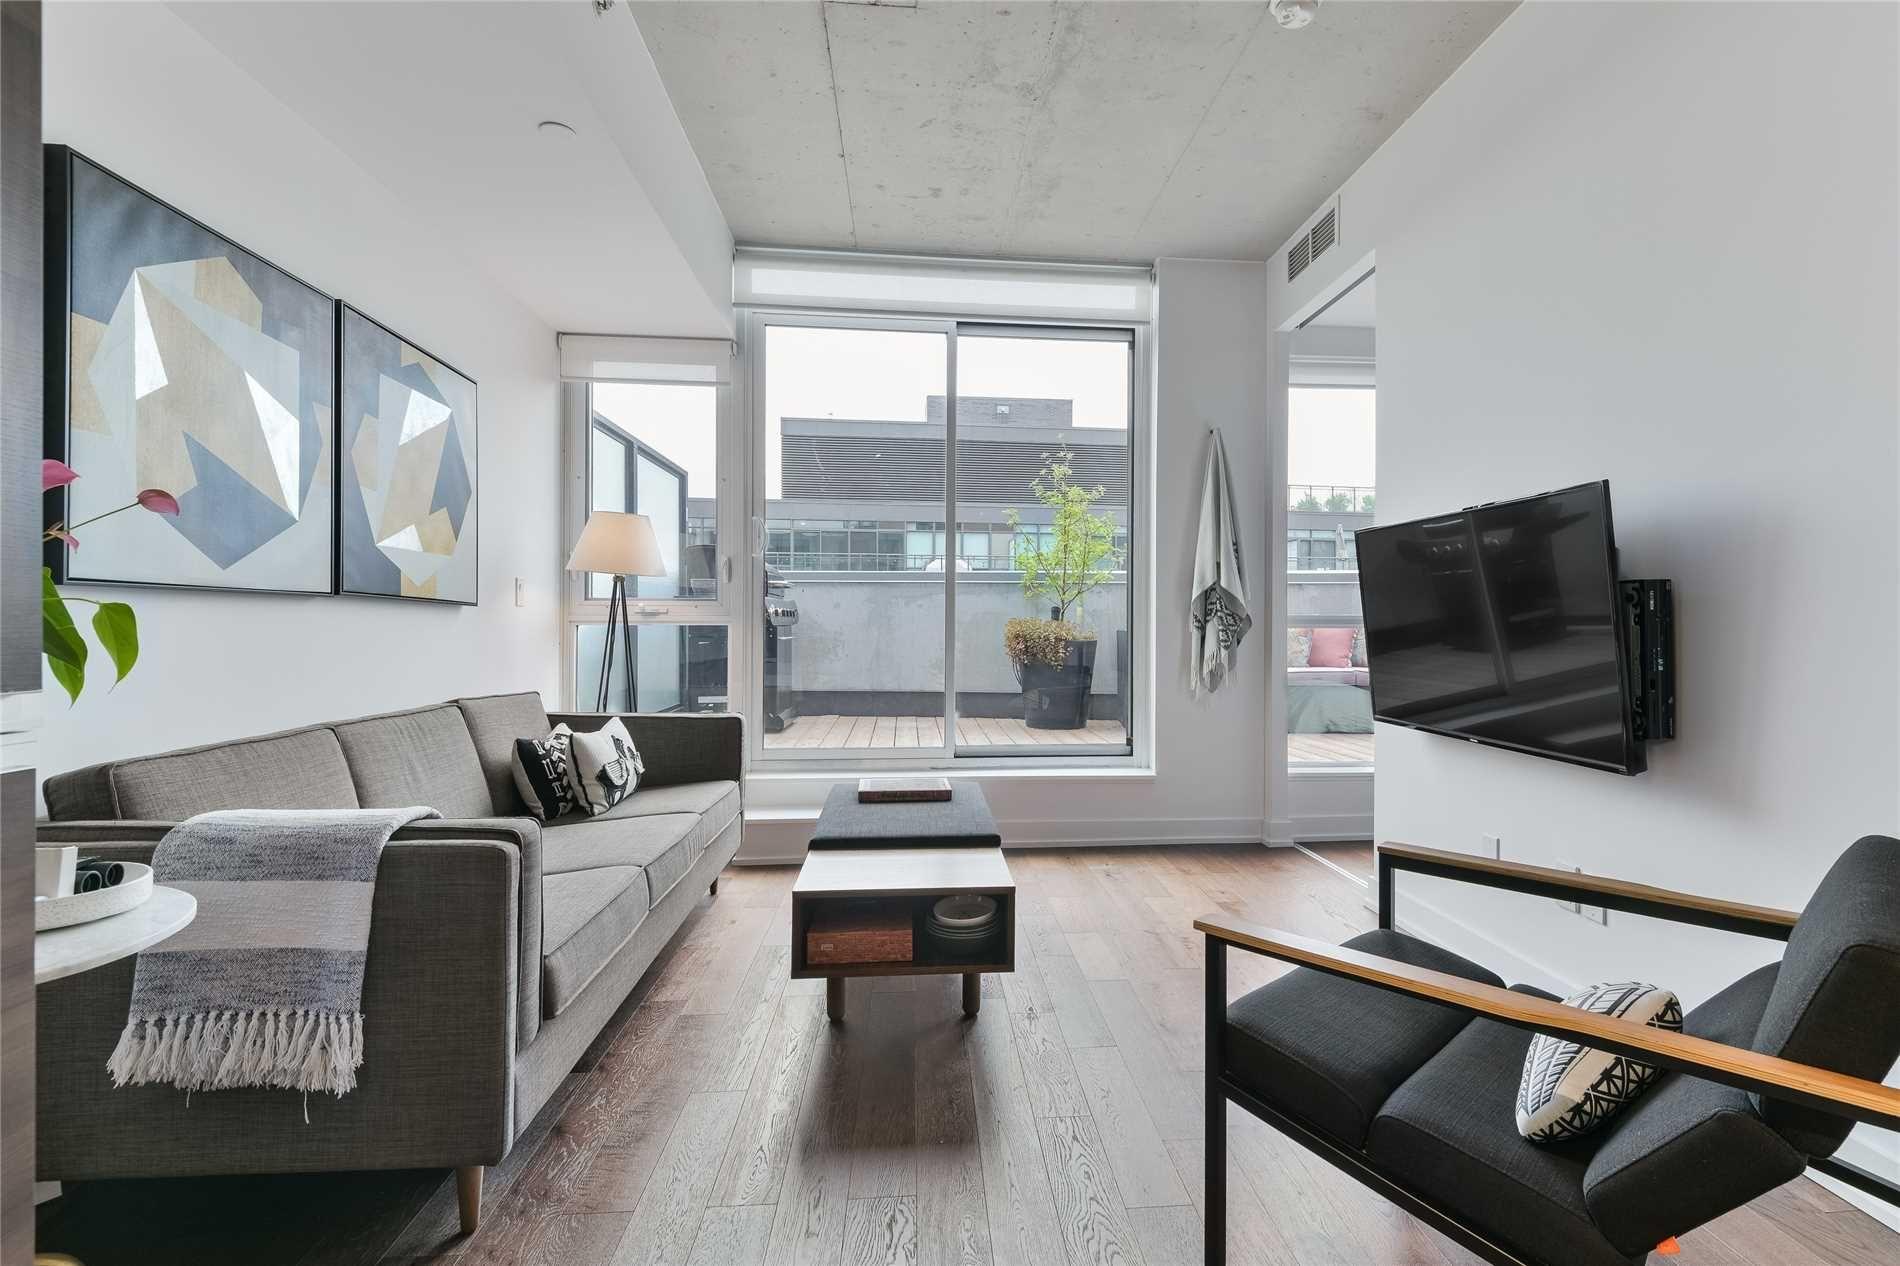 Photo 4: Photos: 910 1190 E Dundas Street in Toronto: South Riverdale Condo for sale (Toronto E01)  : MLS®# E4496416